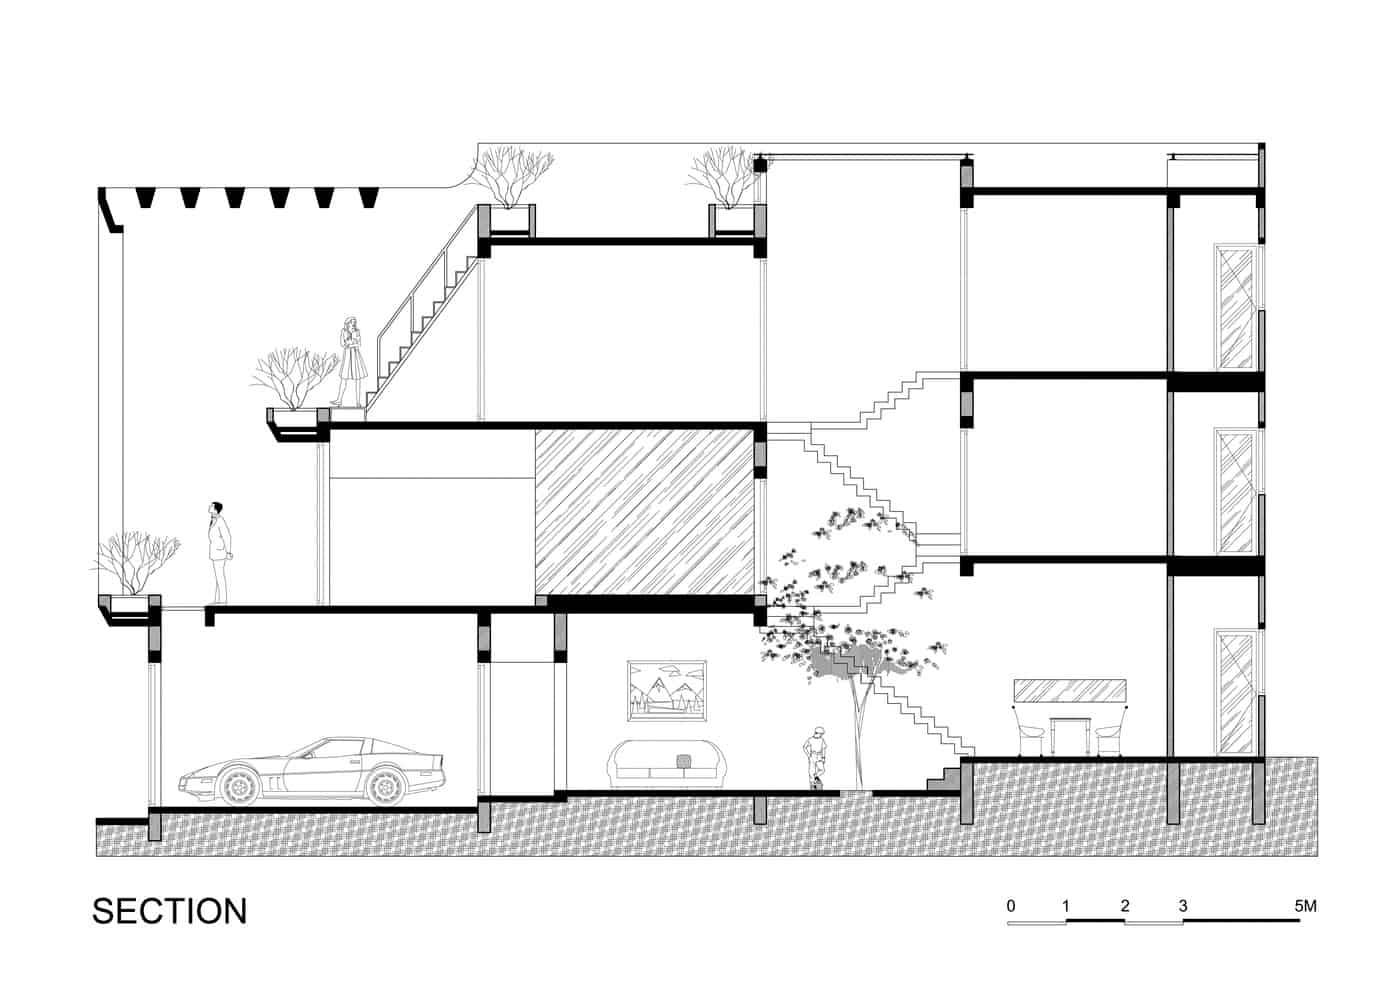 Phòng ngủ được thiết kế nối liền ban công trang trí cây xanh